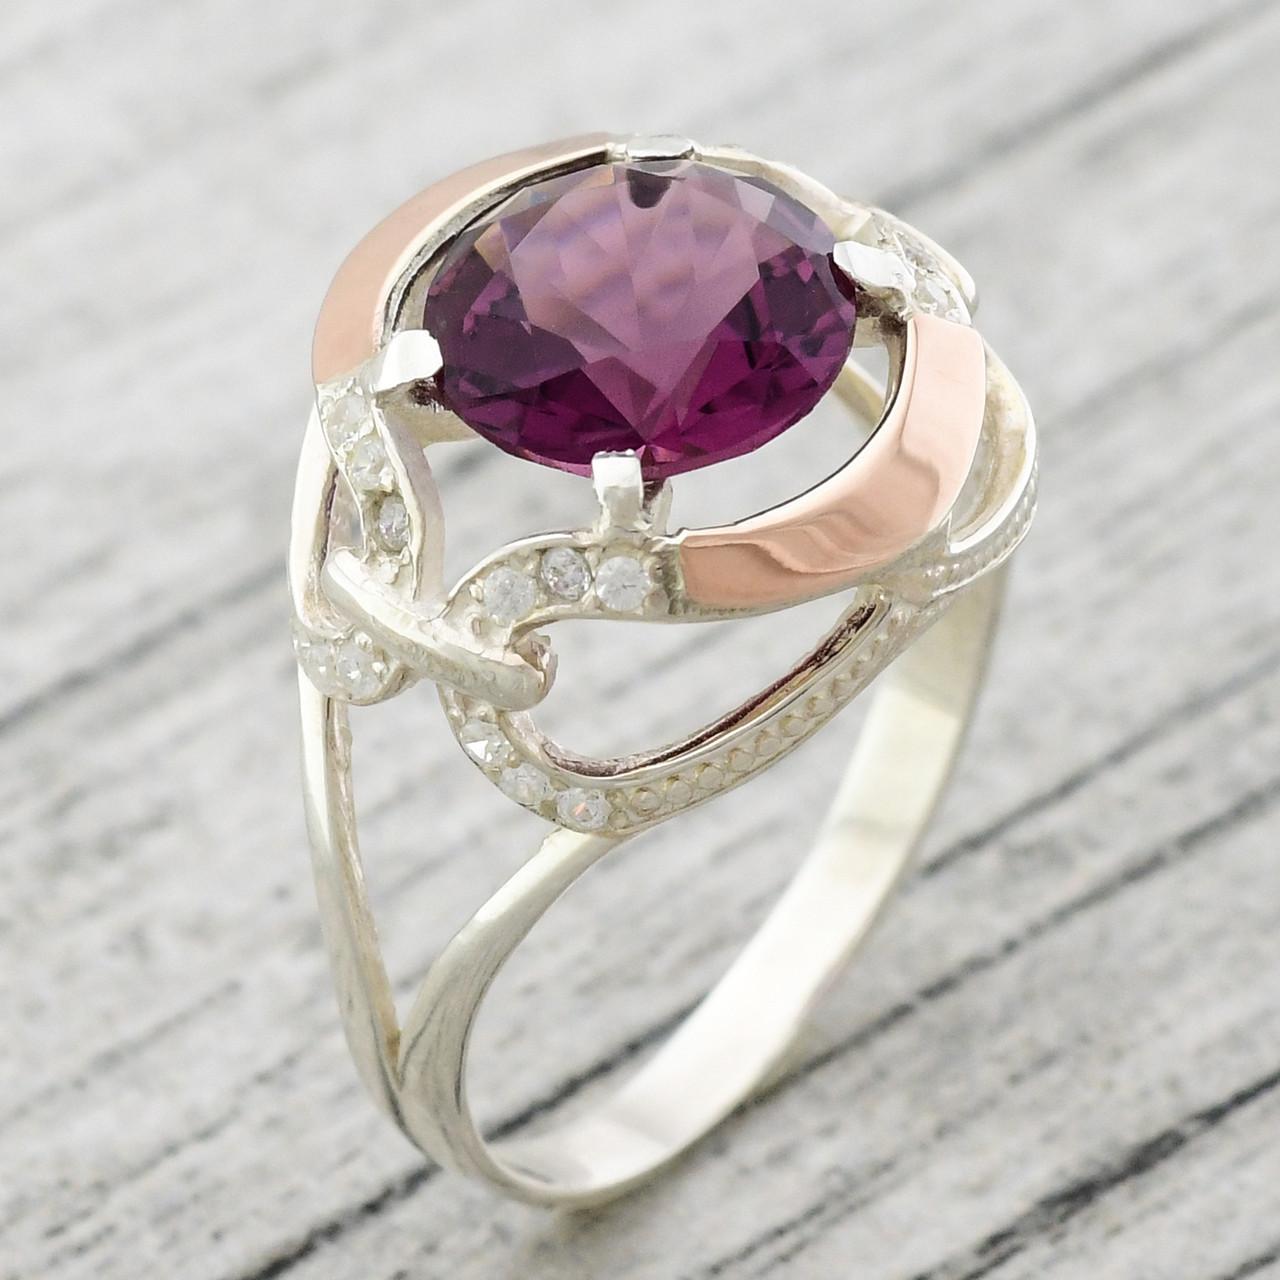 """Серебряное кольцо с золотыми пластинами """"Анжелика"""", вставка фиолетовый и белые фианиты, вес 4.06 г, размер 21"""